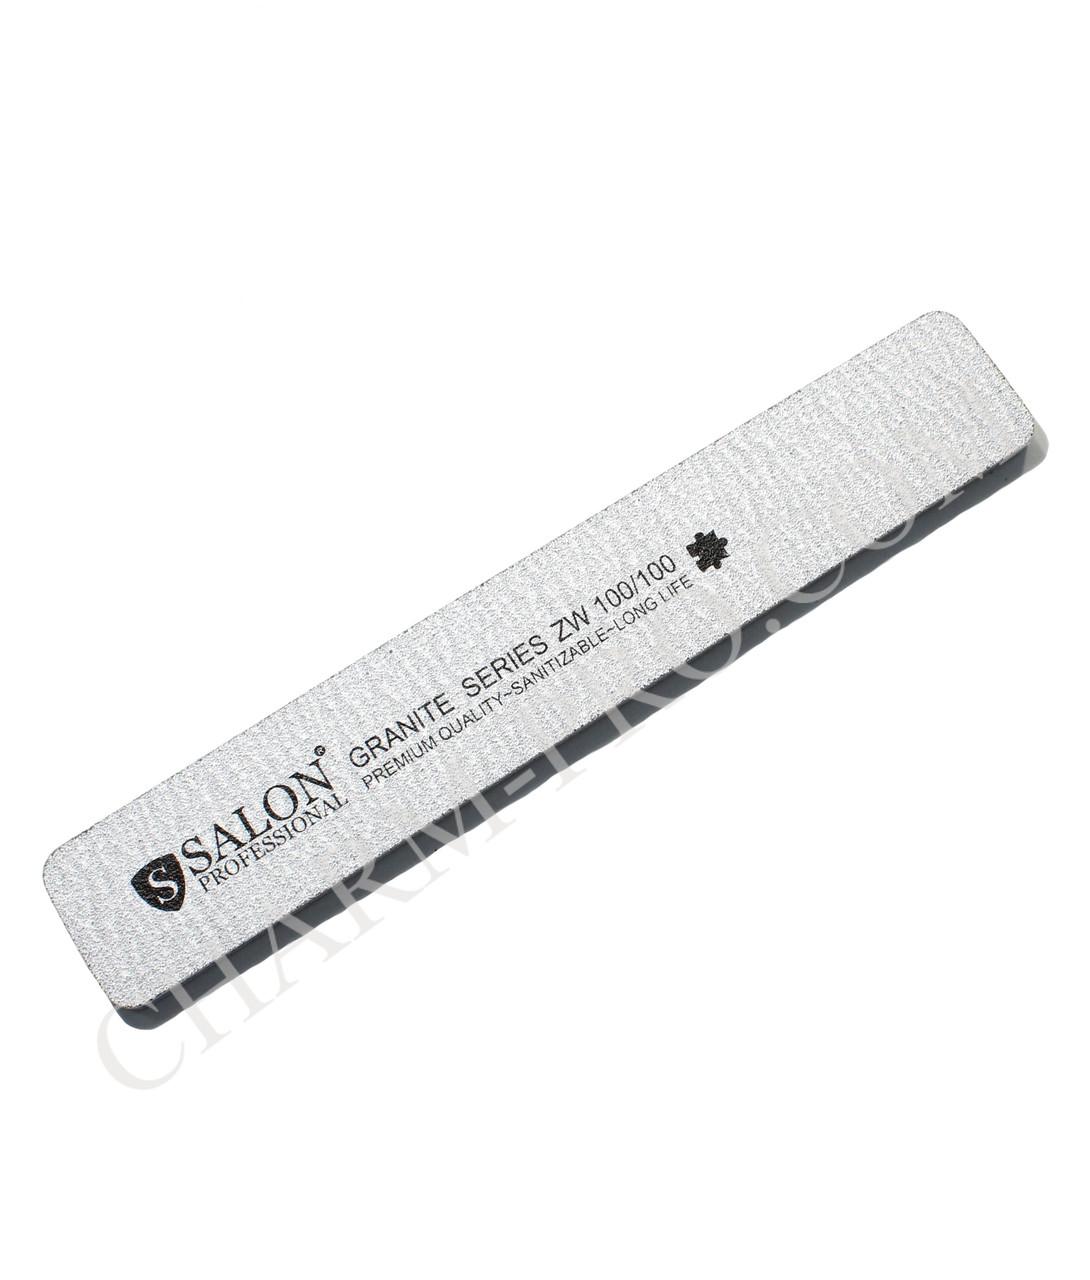 Пилка для ногтей Салон Salon 100/100 широкая серая